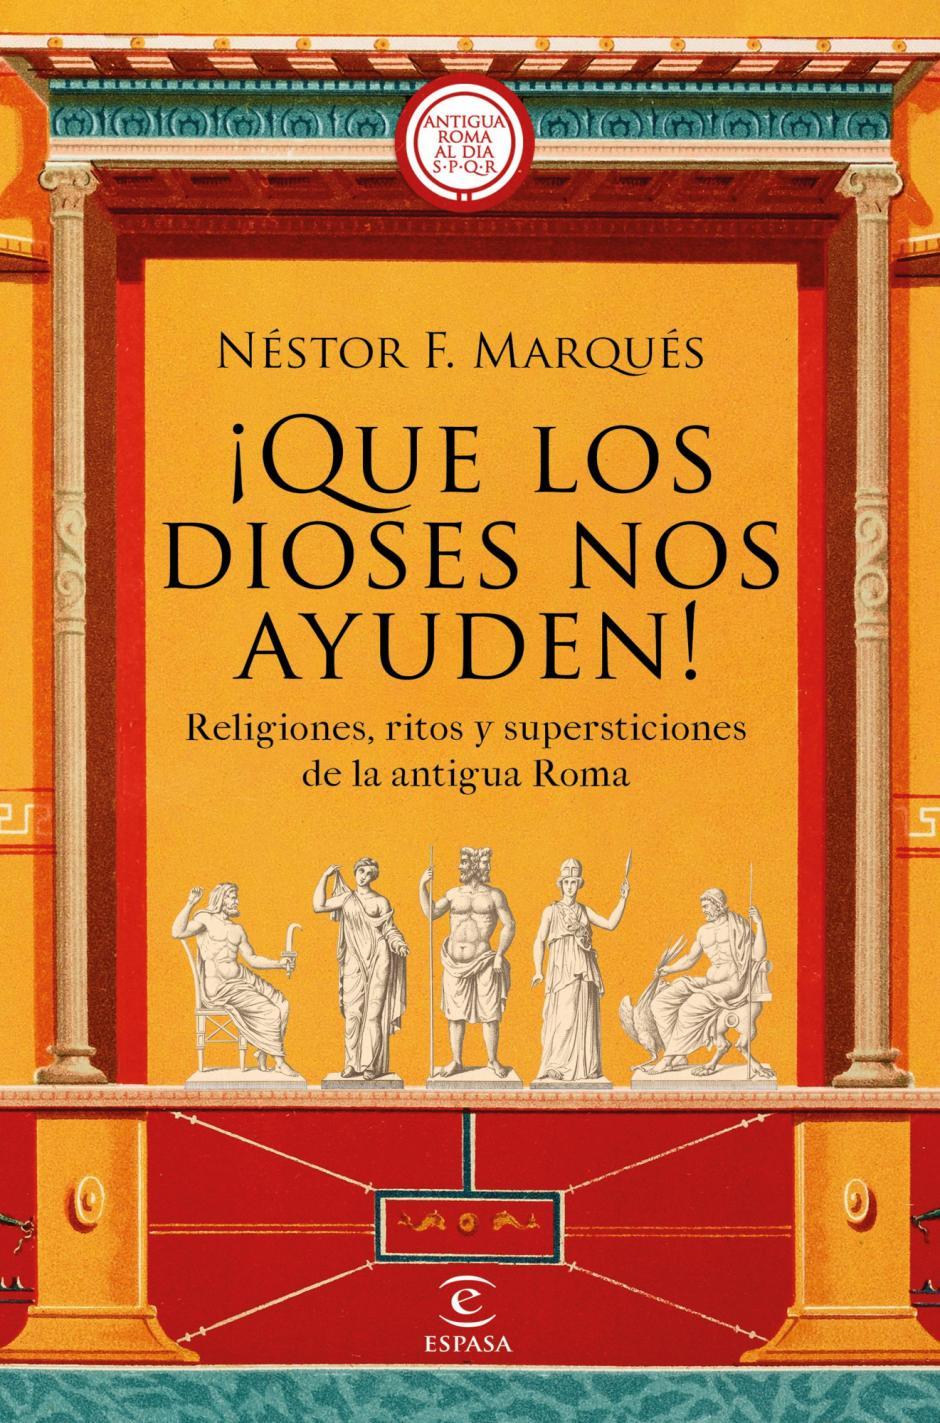 Portada de la última obra de Néstor F. Marqués